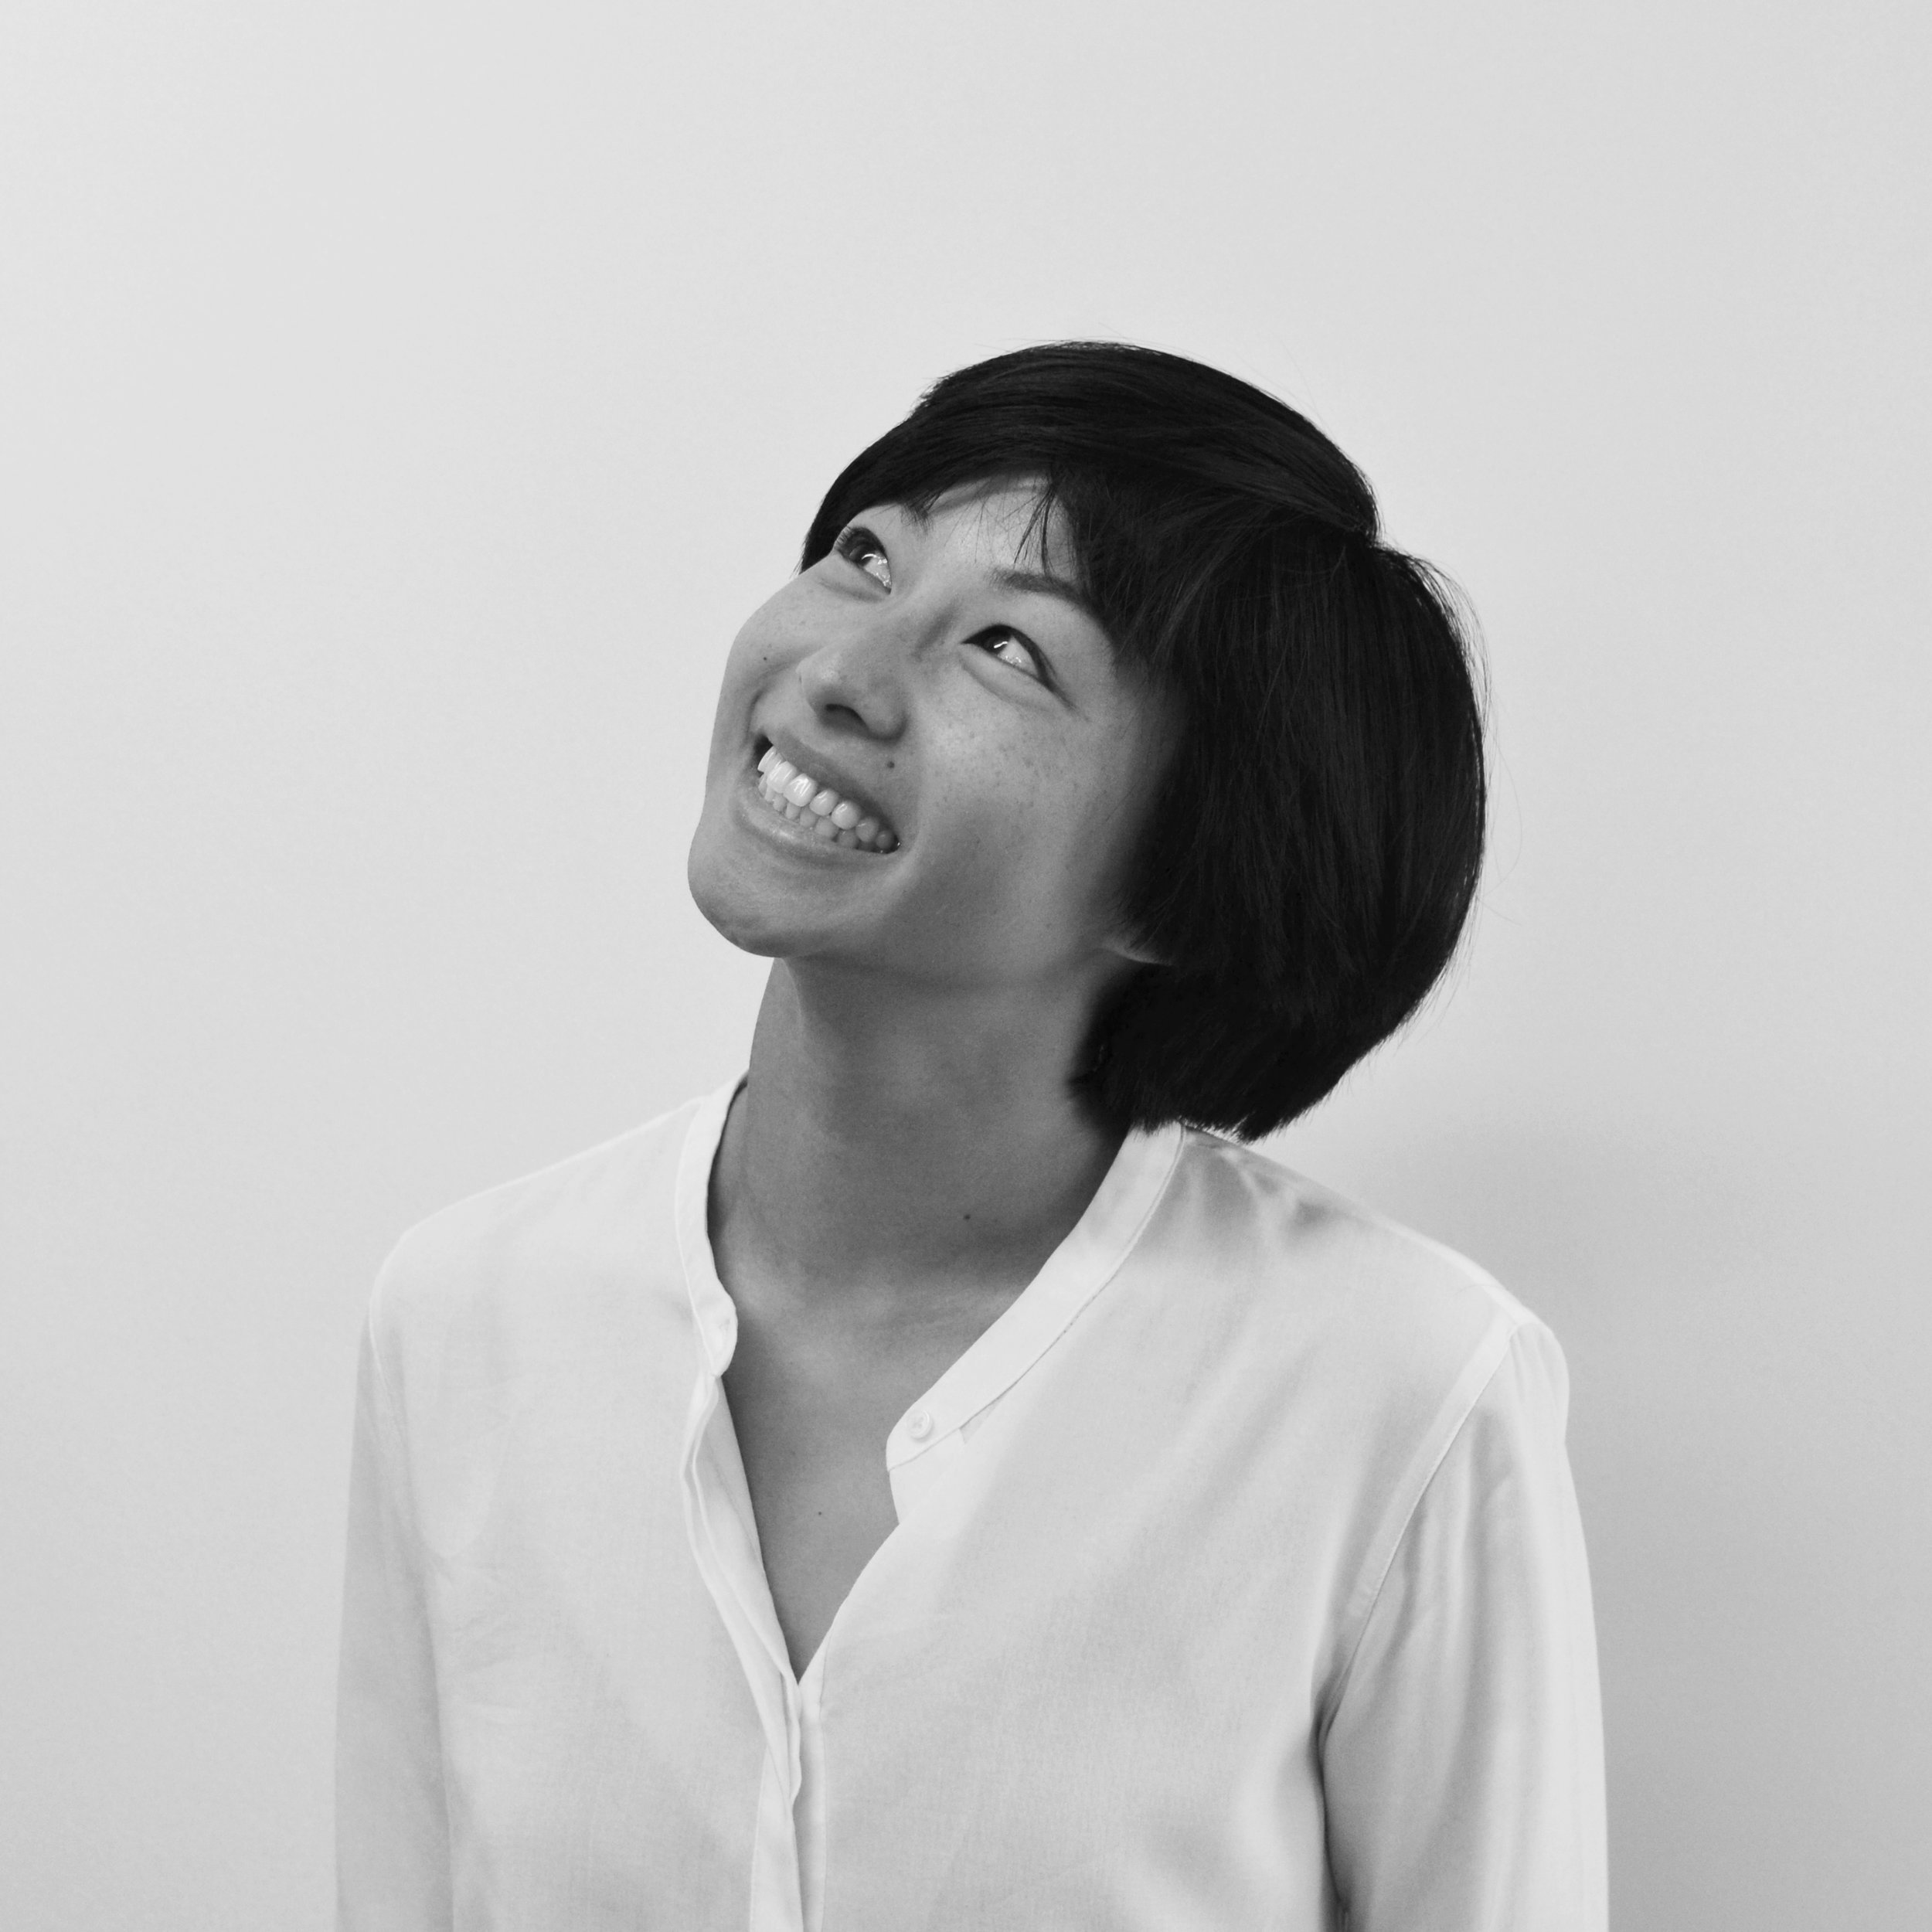 Jennifer Tu-Anh Phan  —Conceptrice en architecture  Ayant poursuivi une formation en architecture et en urbanisme, Jennifer travaille aujourd'hui comme designer à l'atelier L'Abri. À travers ses expériences de travail à Paris, Rome, New York et Toronto, elle a témoigné de pratiques architecturales radicalement différentes et souhaite aujourd'hui à réinvestir dans sa ville natale. Elle perçoit l'espace comme étant hors-singulaire et cherche à célébrer la diversité et l'ambiguité présentes dans nos milieux de vie. Son travail en tant qu'artiste-architecte est dédié à penser l'espace dans sa transversalité, à la fois disciplinaire et culturelle.